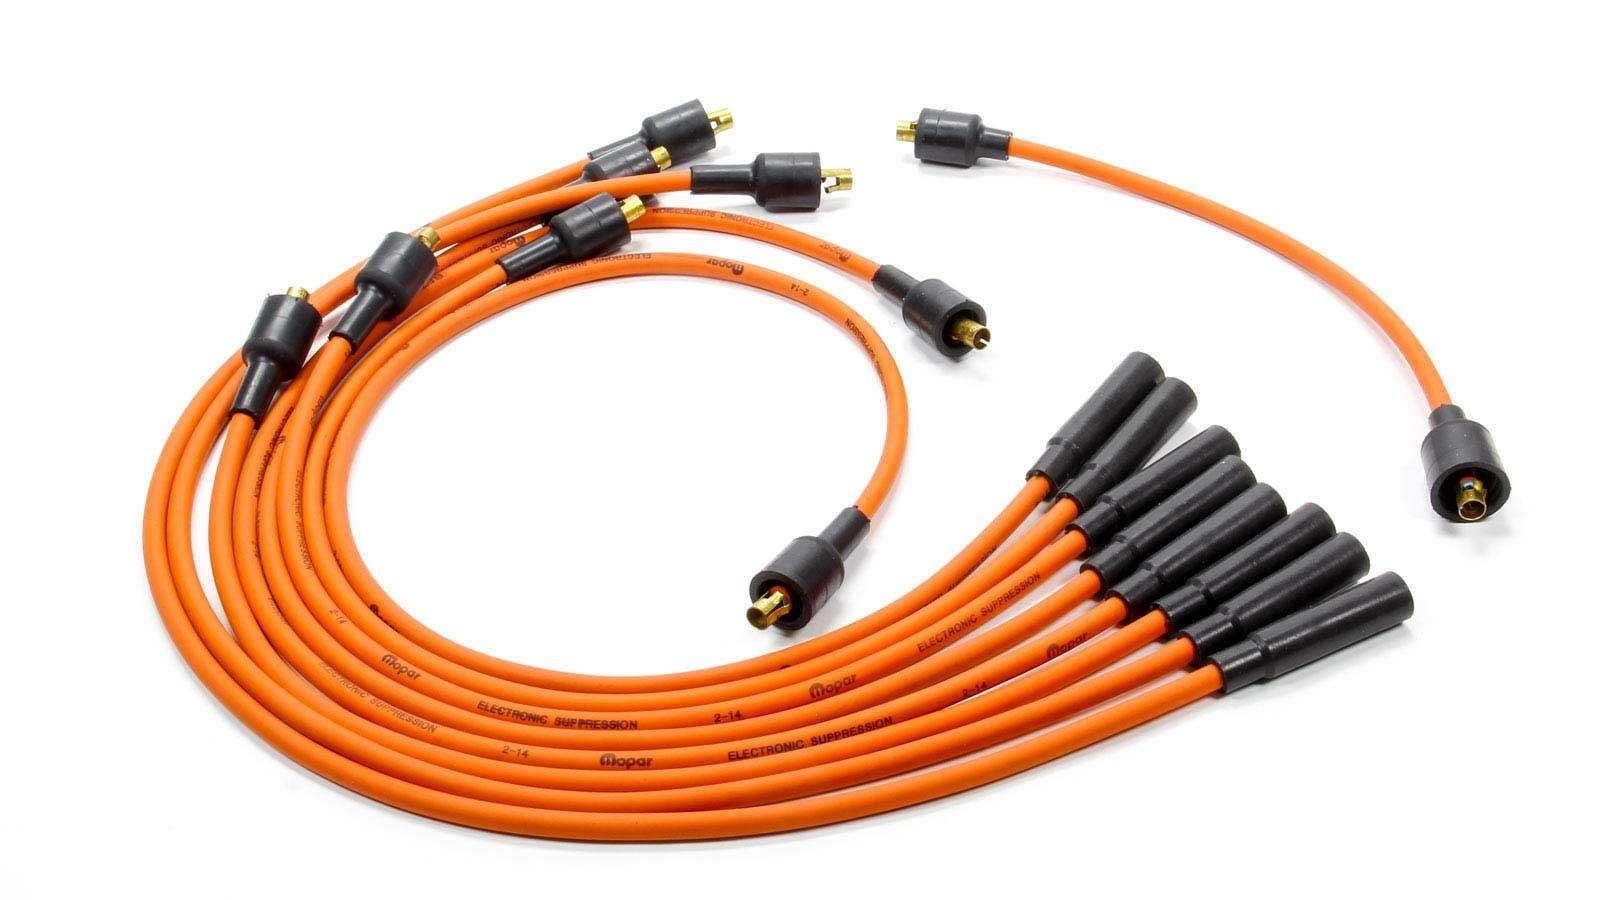 Details about fits Mopar PERFORMANCE P4529797 Spark Plug Wire Set 340 on